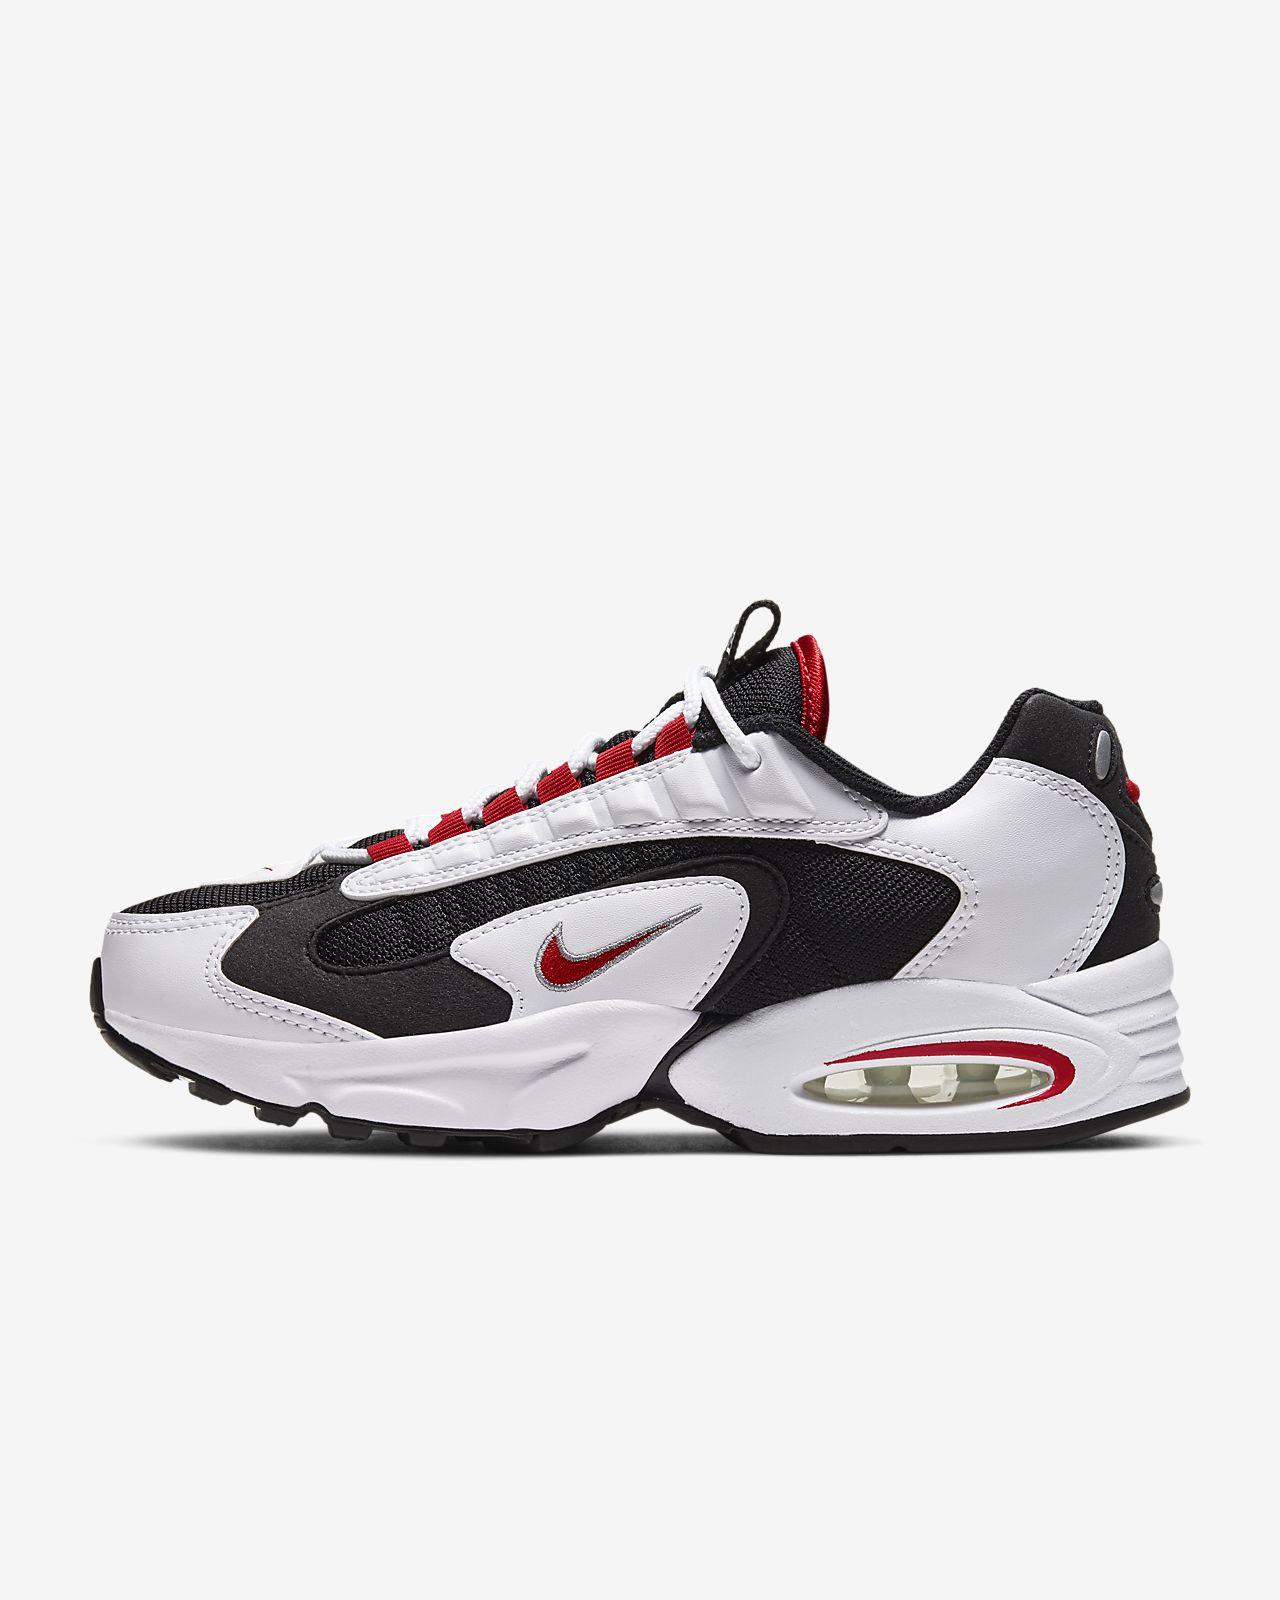 Nike Air Max Triax 女子运动鞋